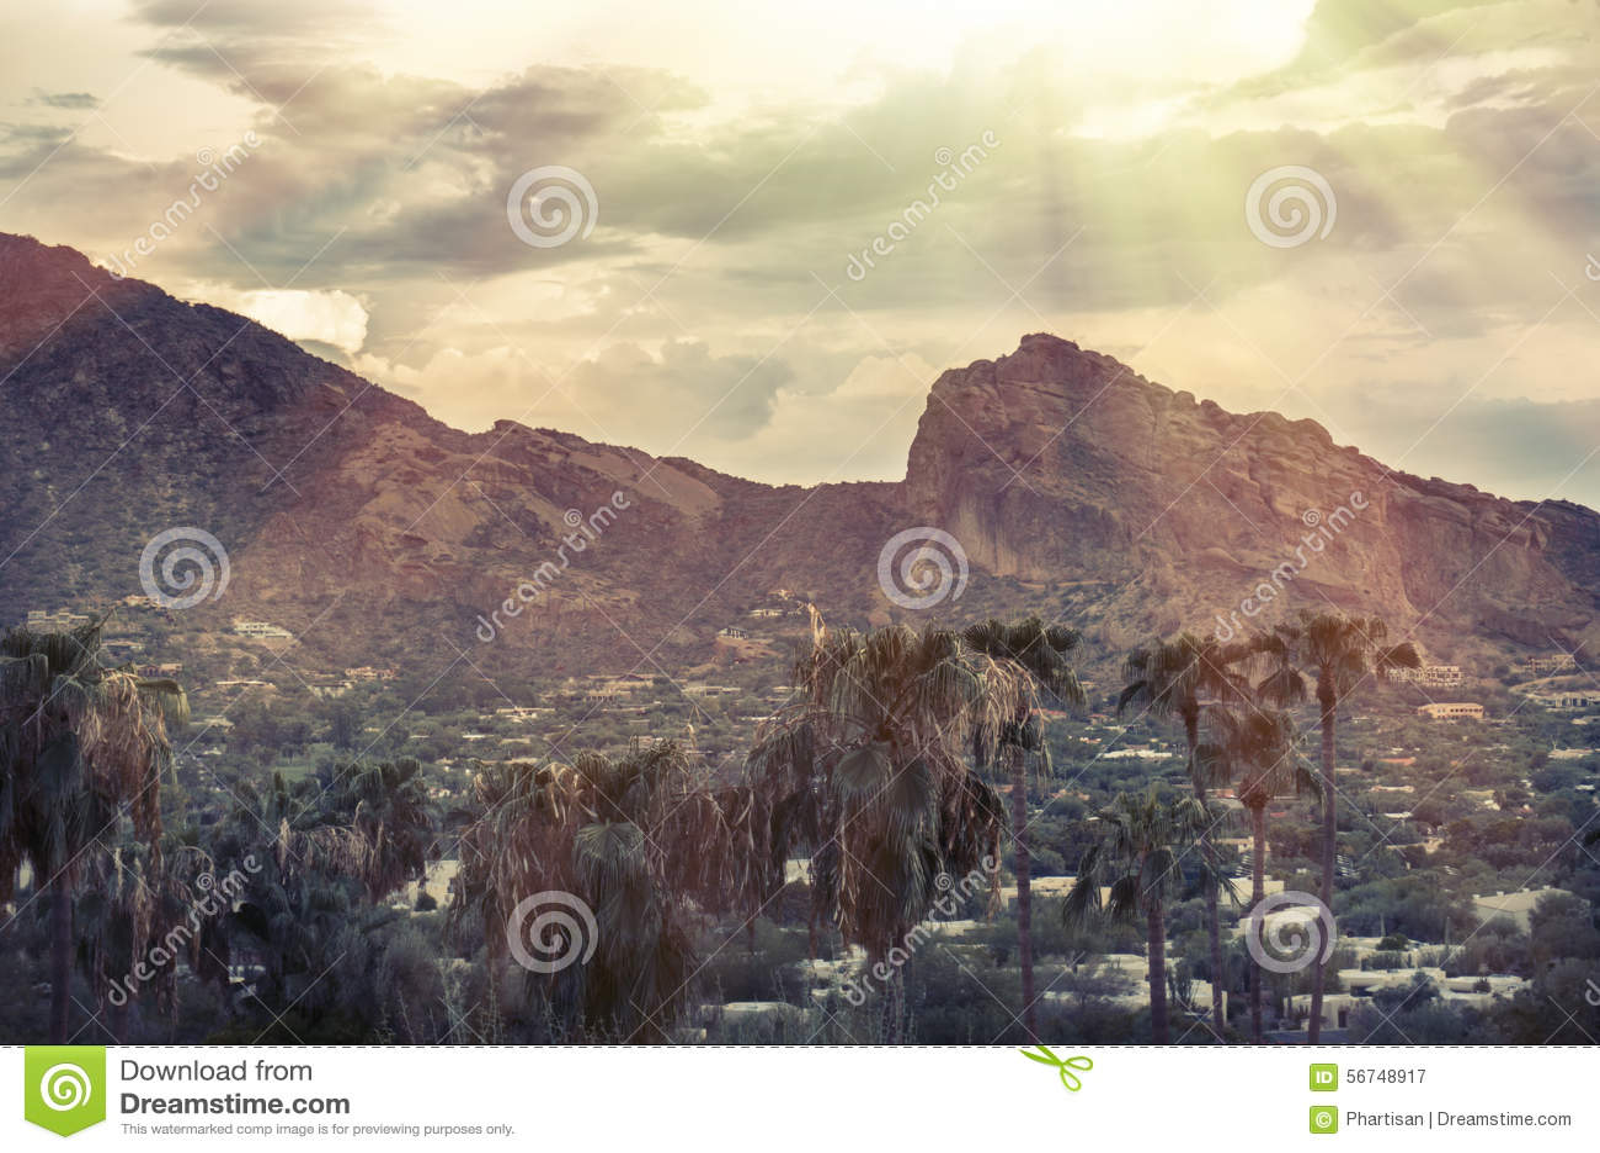 Camelback Mountain, Phoenix,AZ